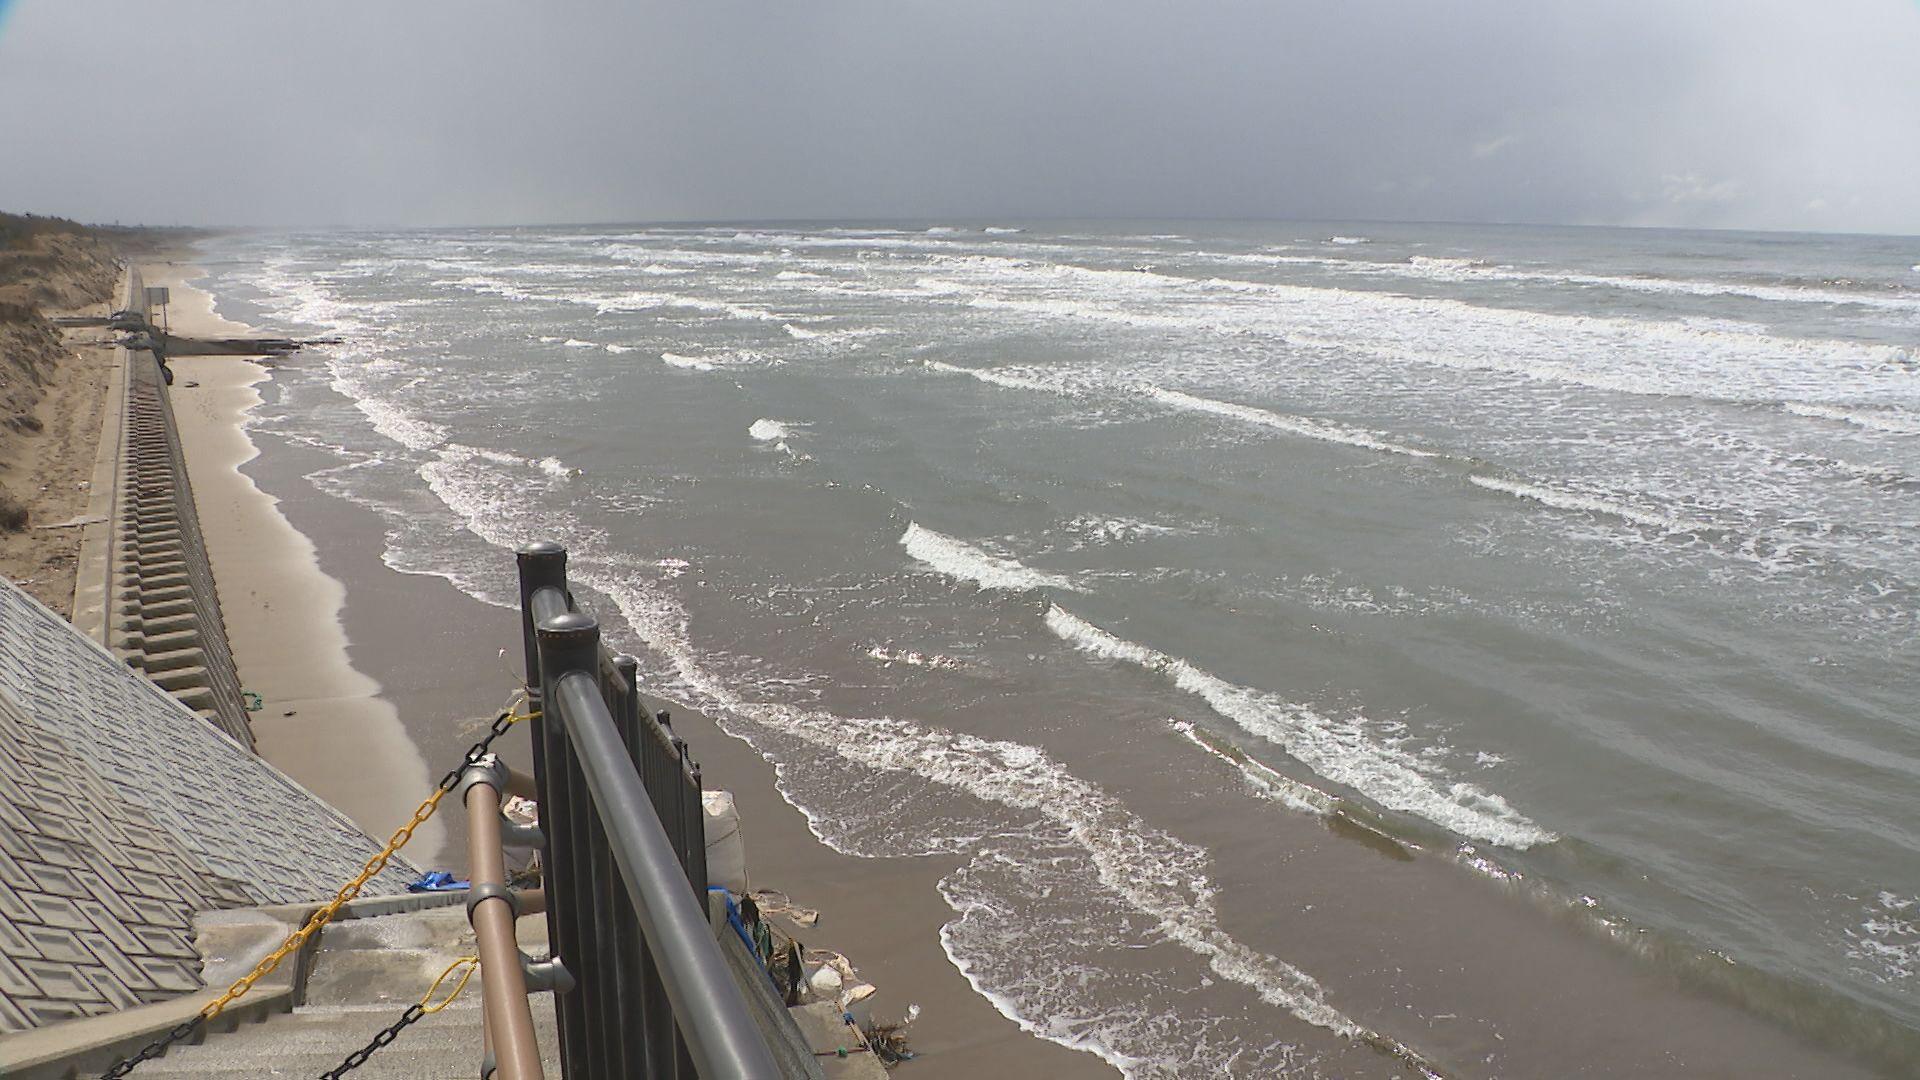 砂浜浸食の千里浜 地元自治体が石川県に対策求める